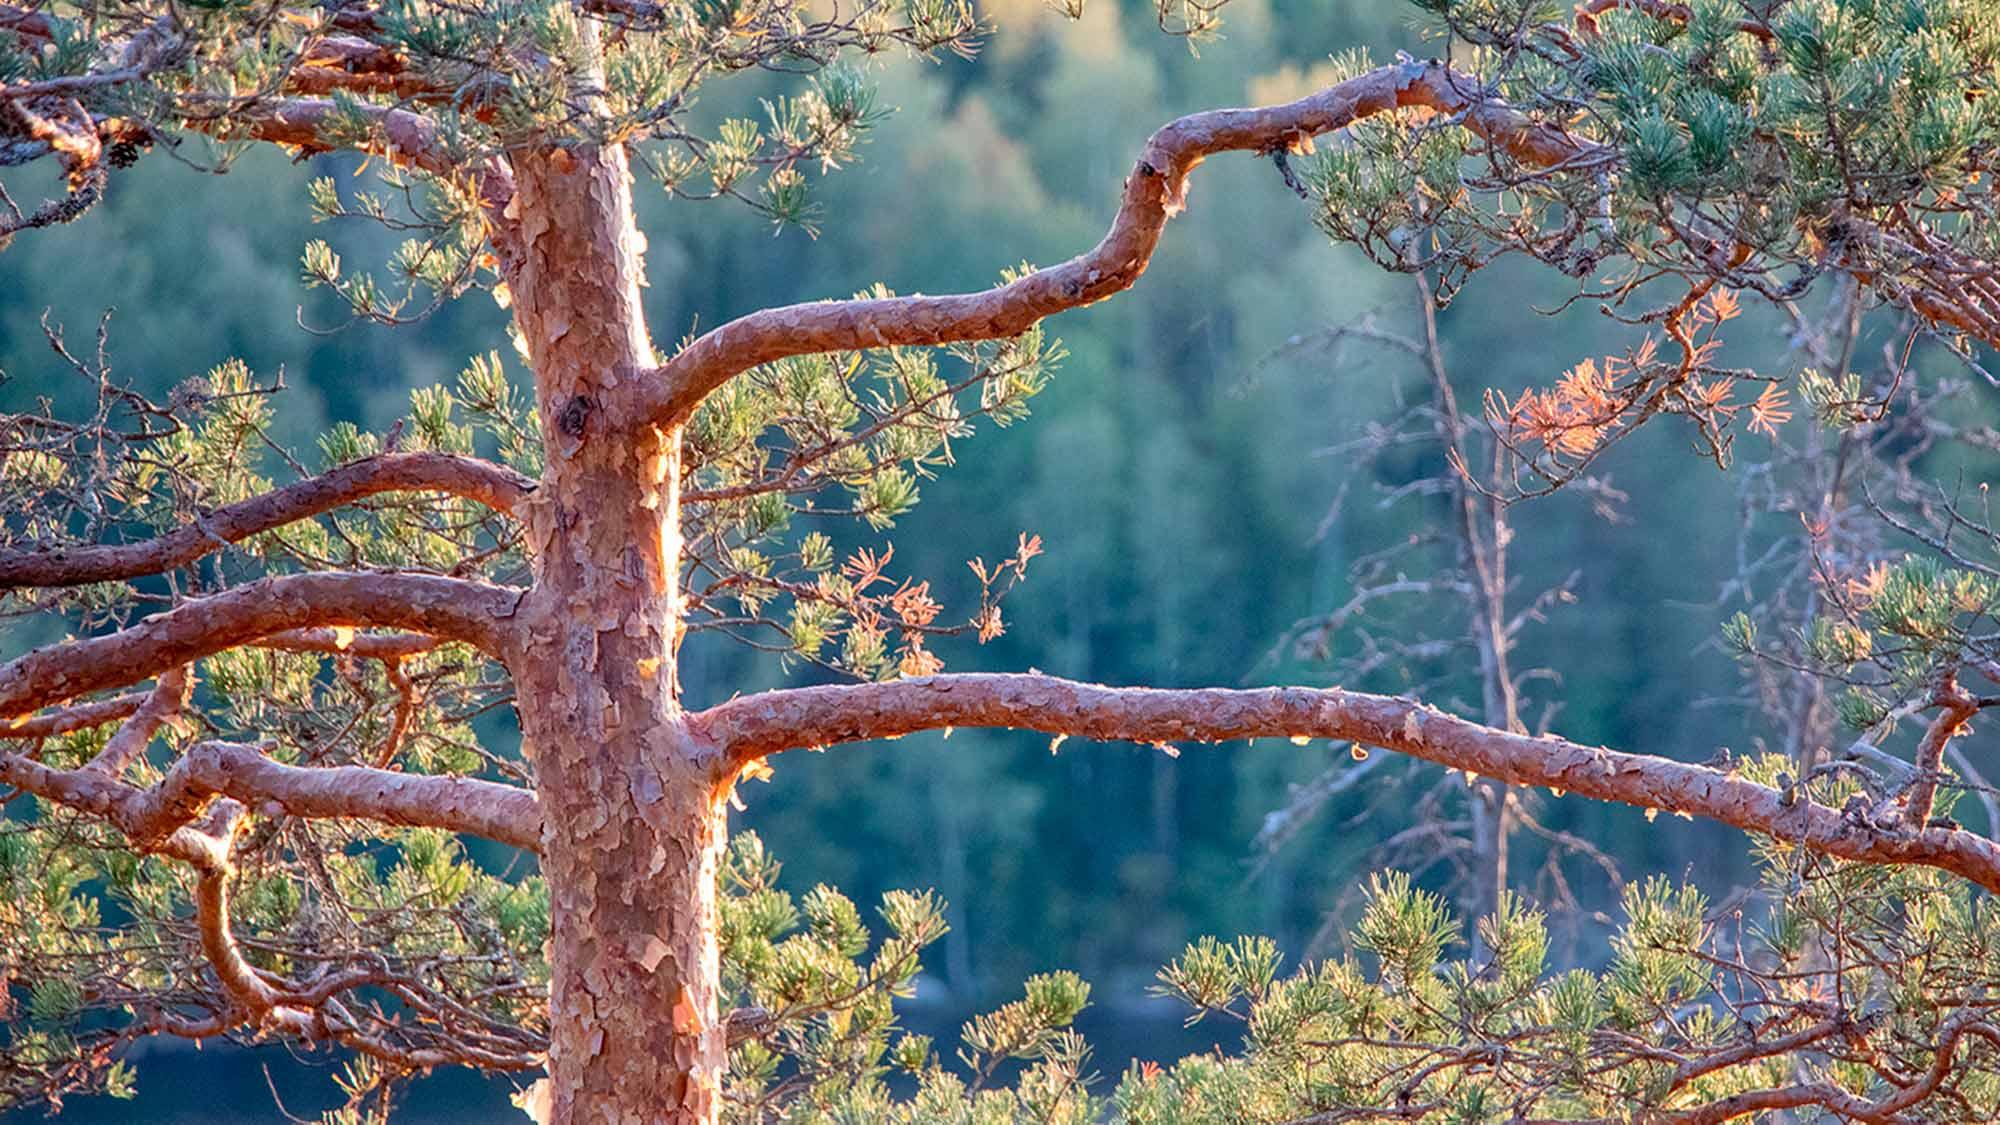 Turvallisuus on meille tärkeää kuvan metsämaisema symboloi tätä.